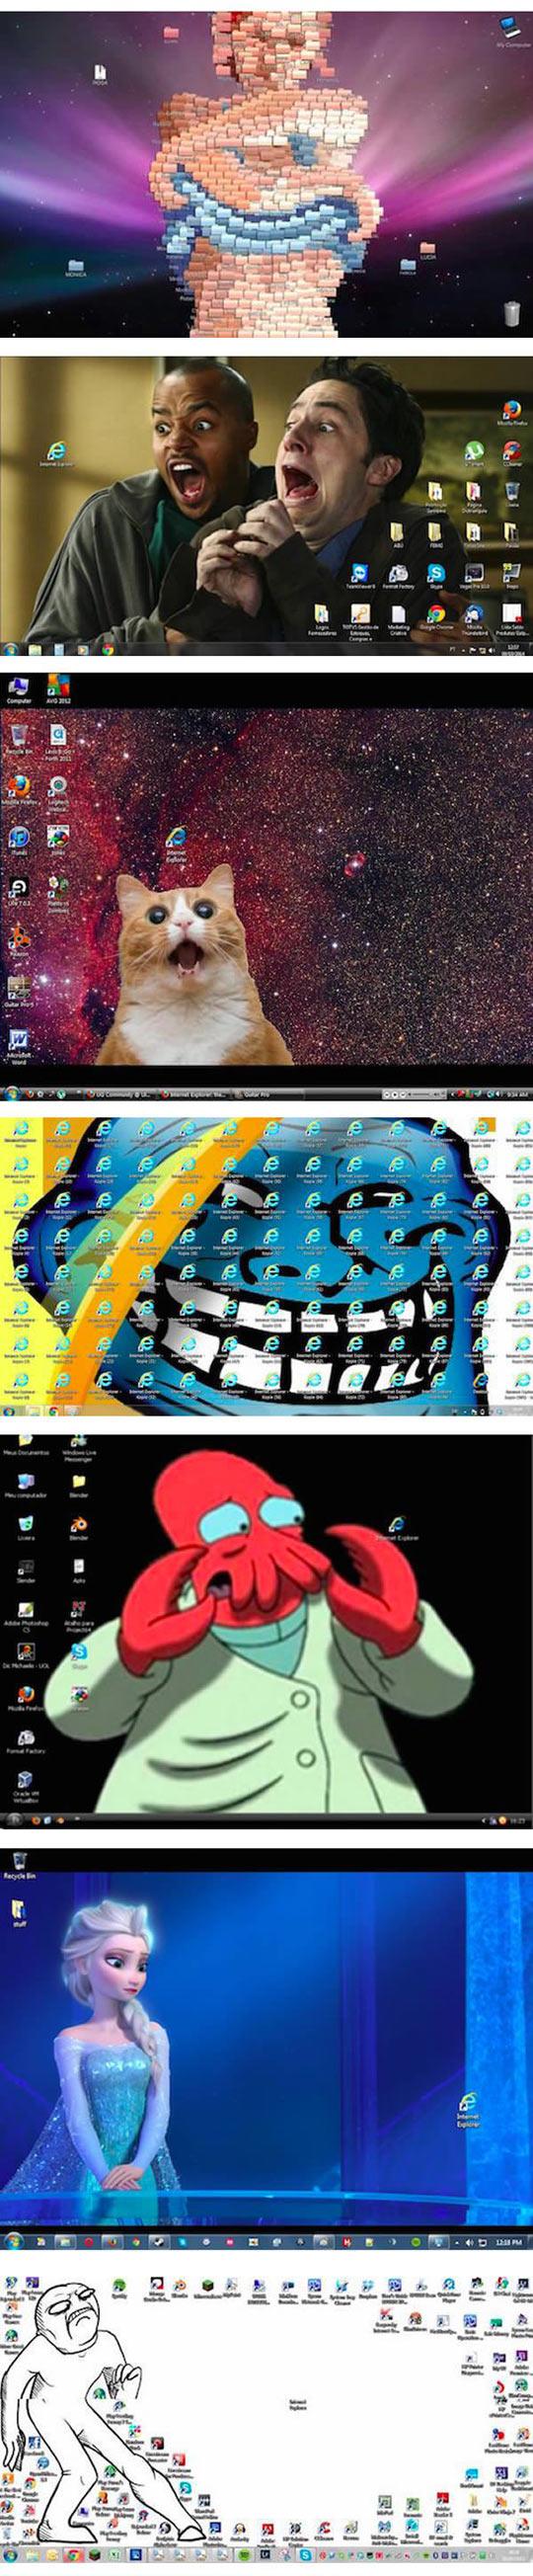 funny-desktop-backgrounds-Toy-Story